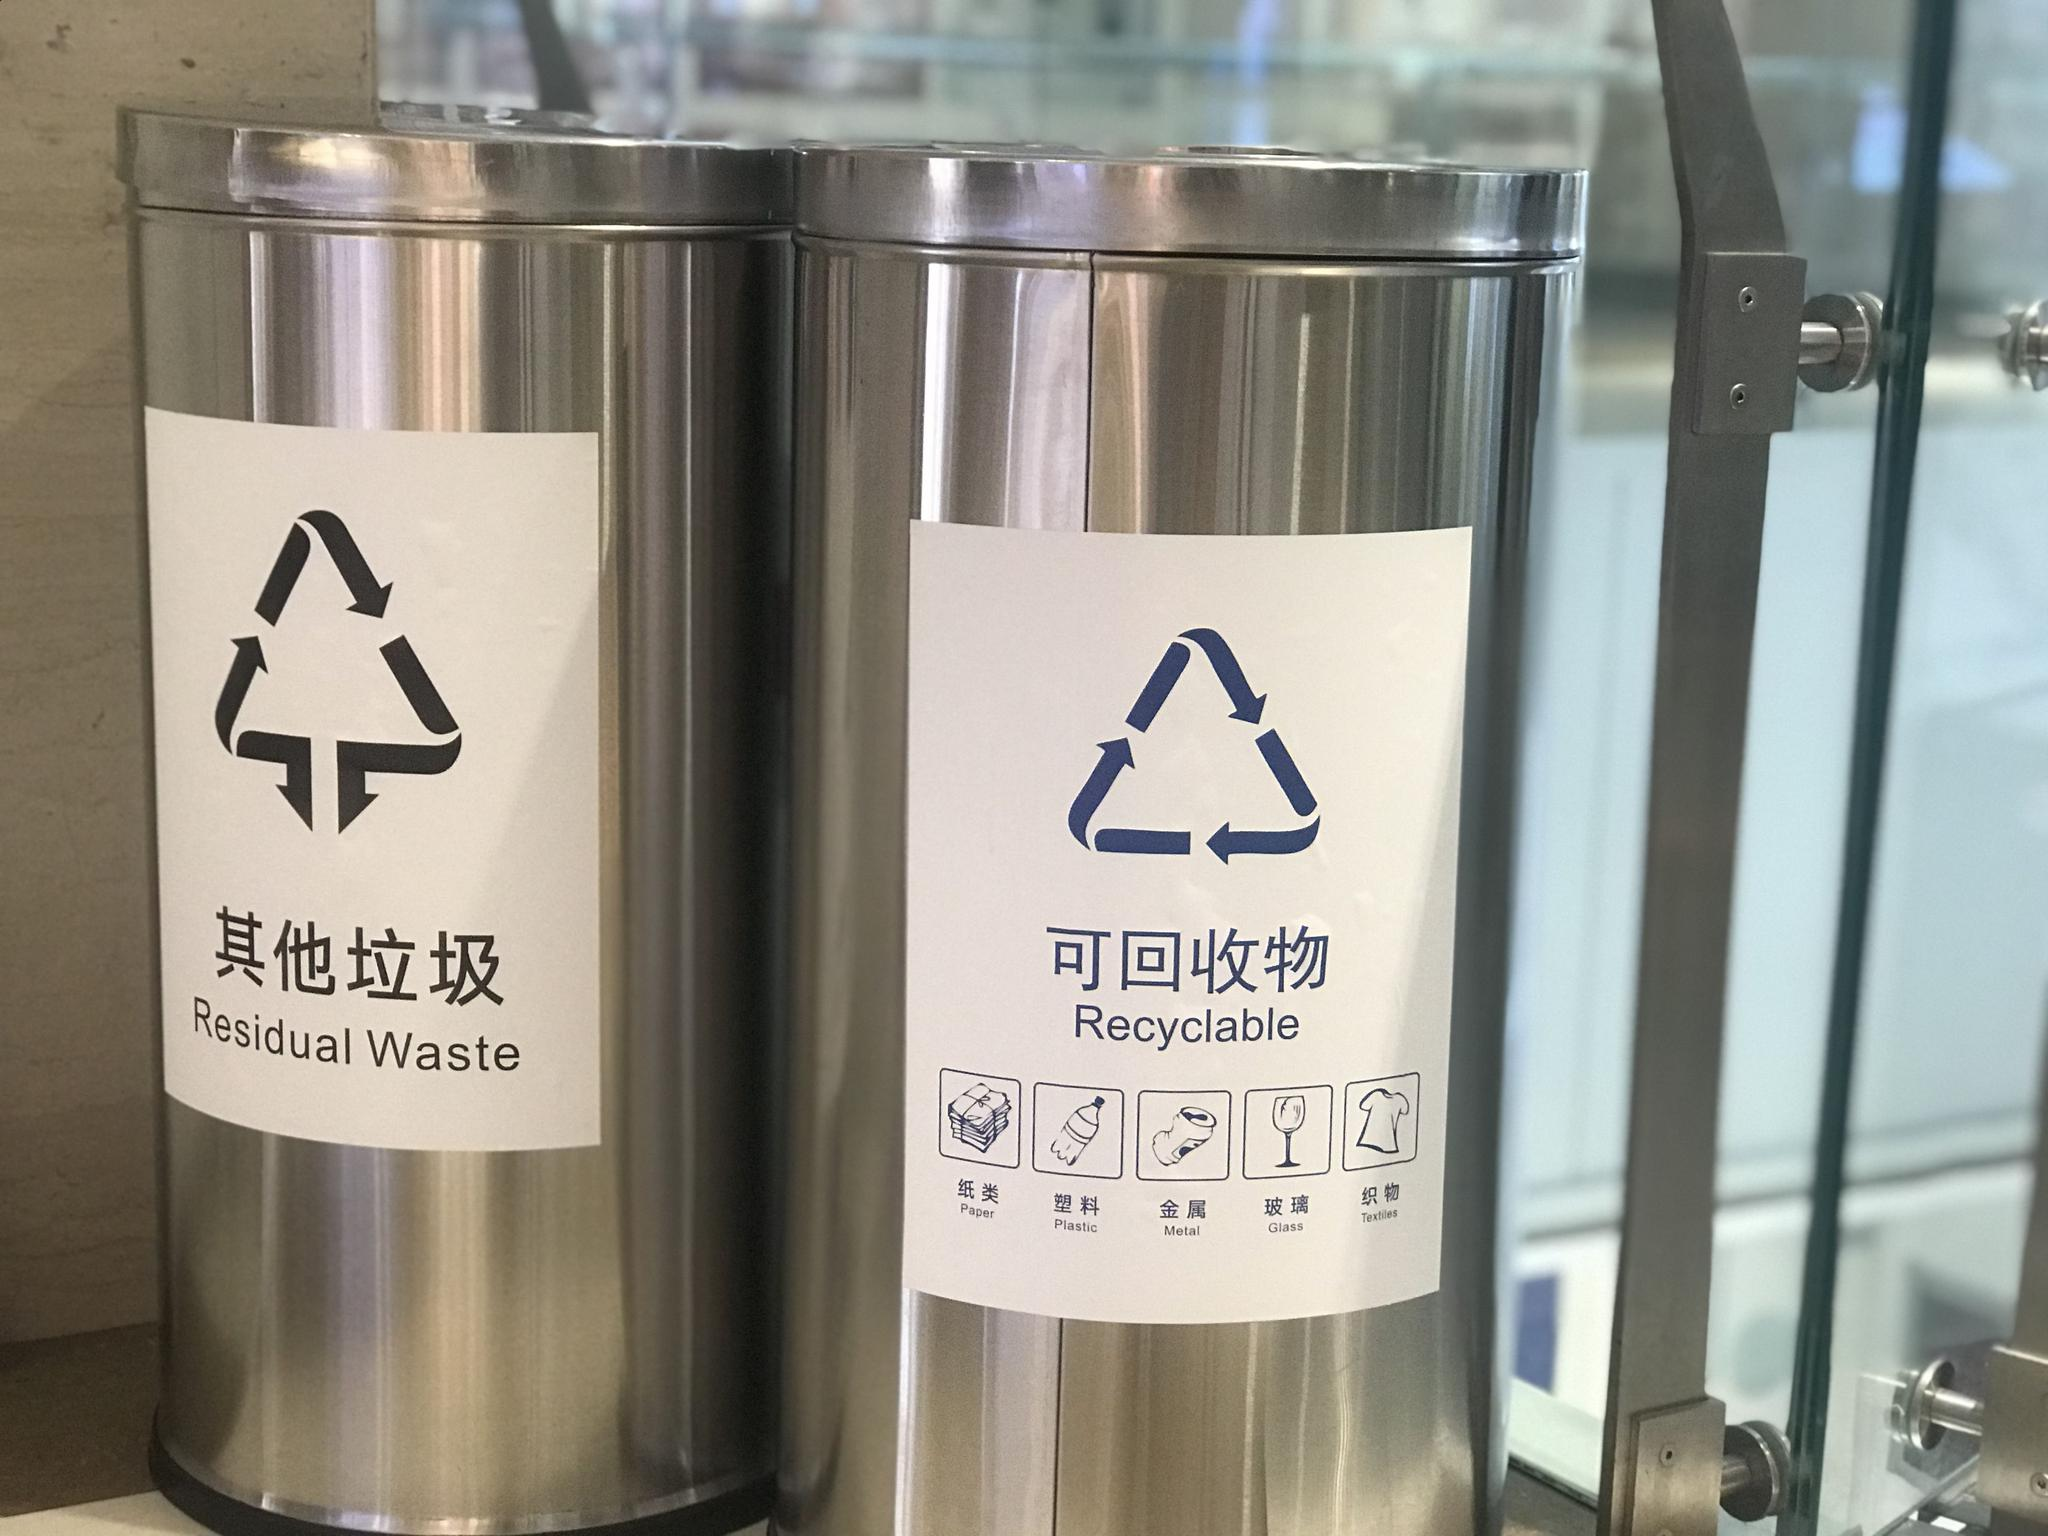 商摩鑫代理场垃圾分类桶数量配,摩鑫代理图片